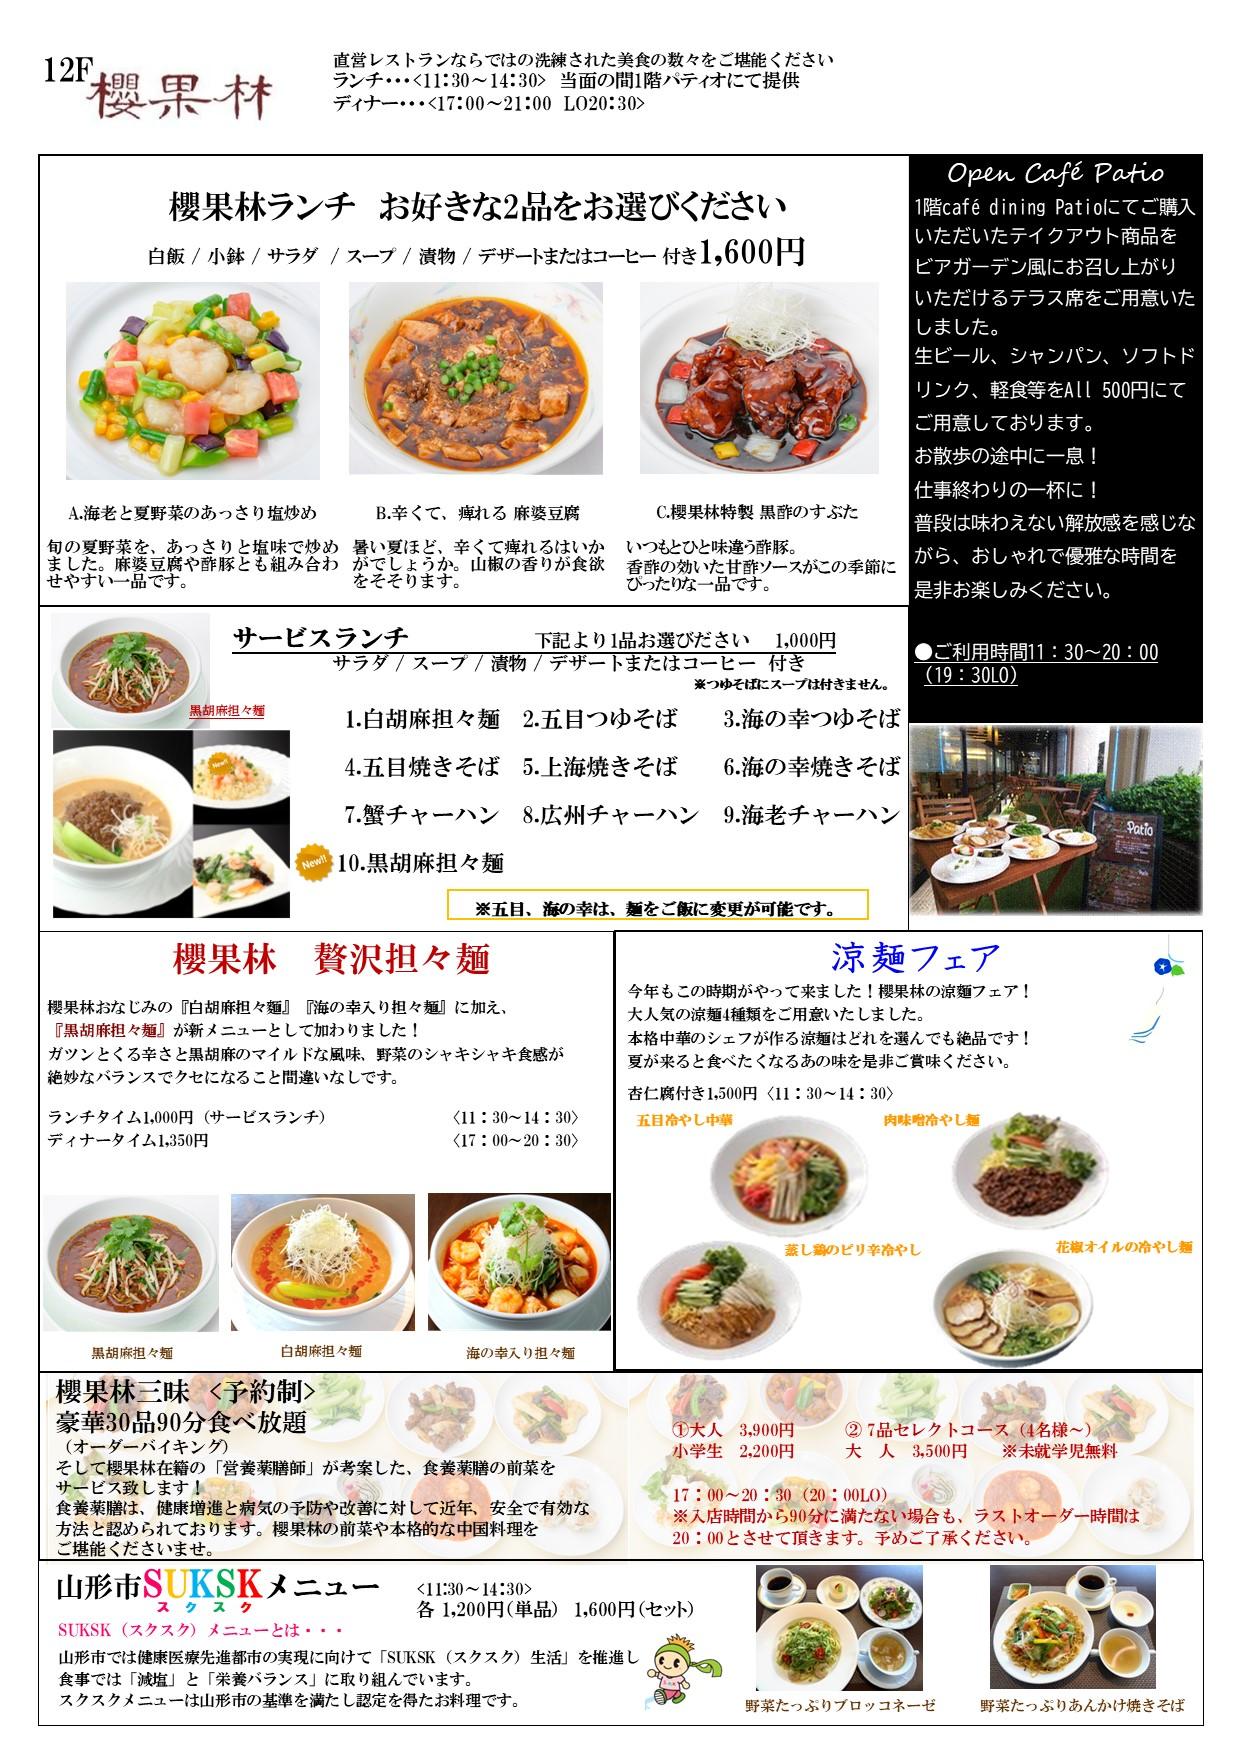 レストランインフォ2021年9月3